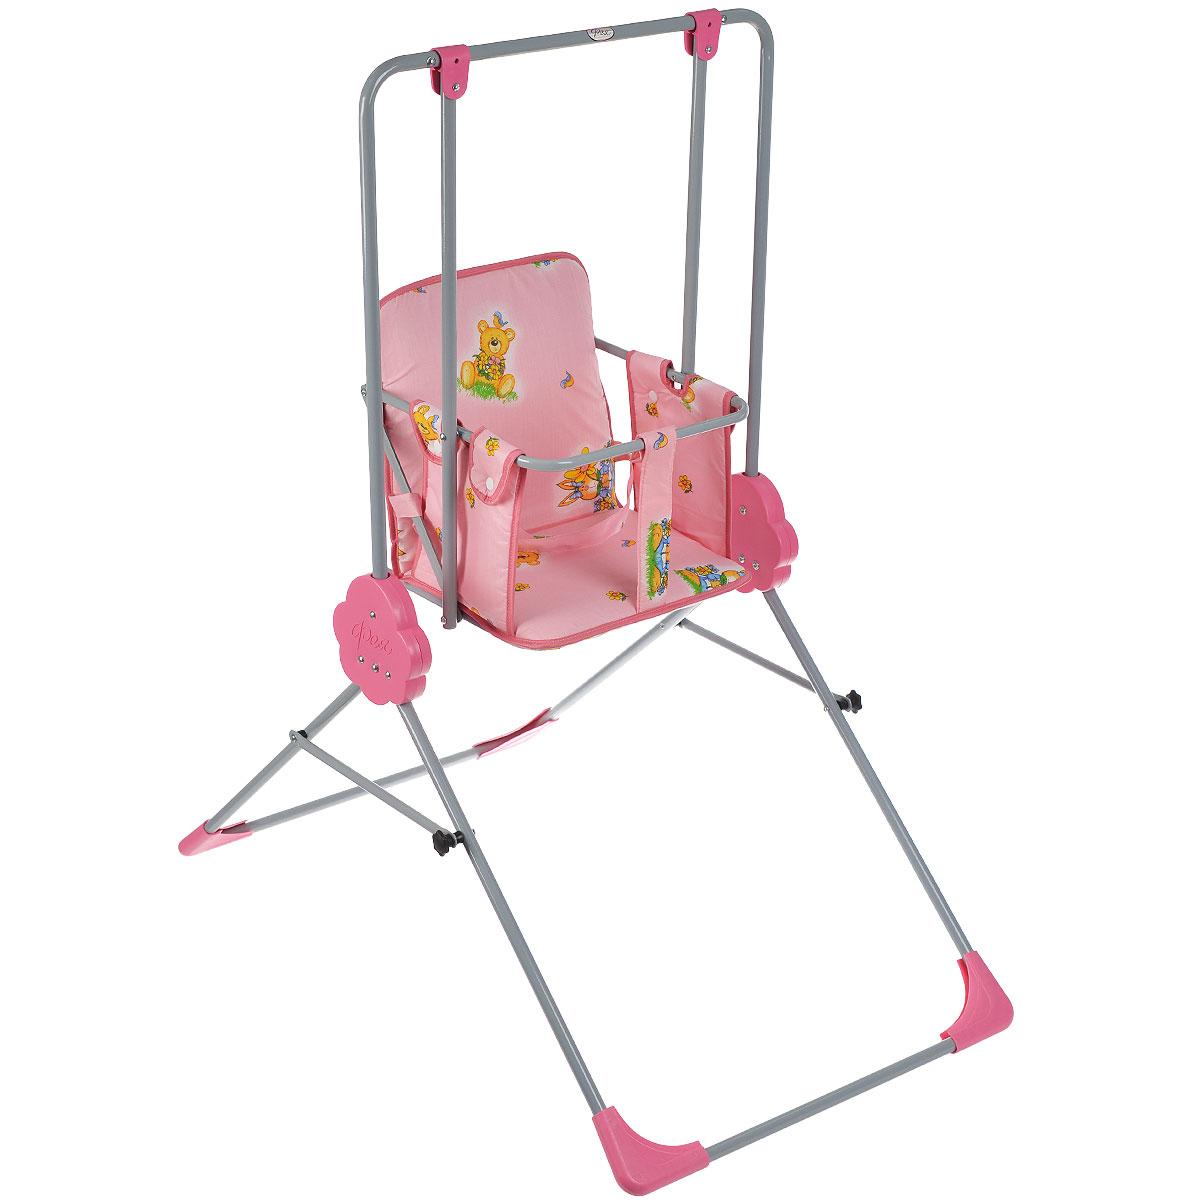 Качели детские Фея Малыш, цвет: розовый детские платья и сарафаны idea kids платье фея